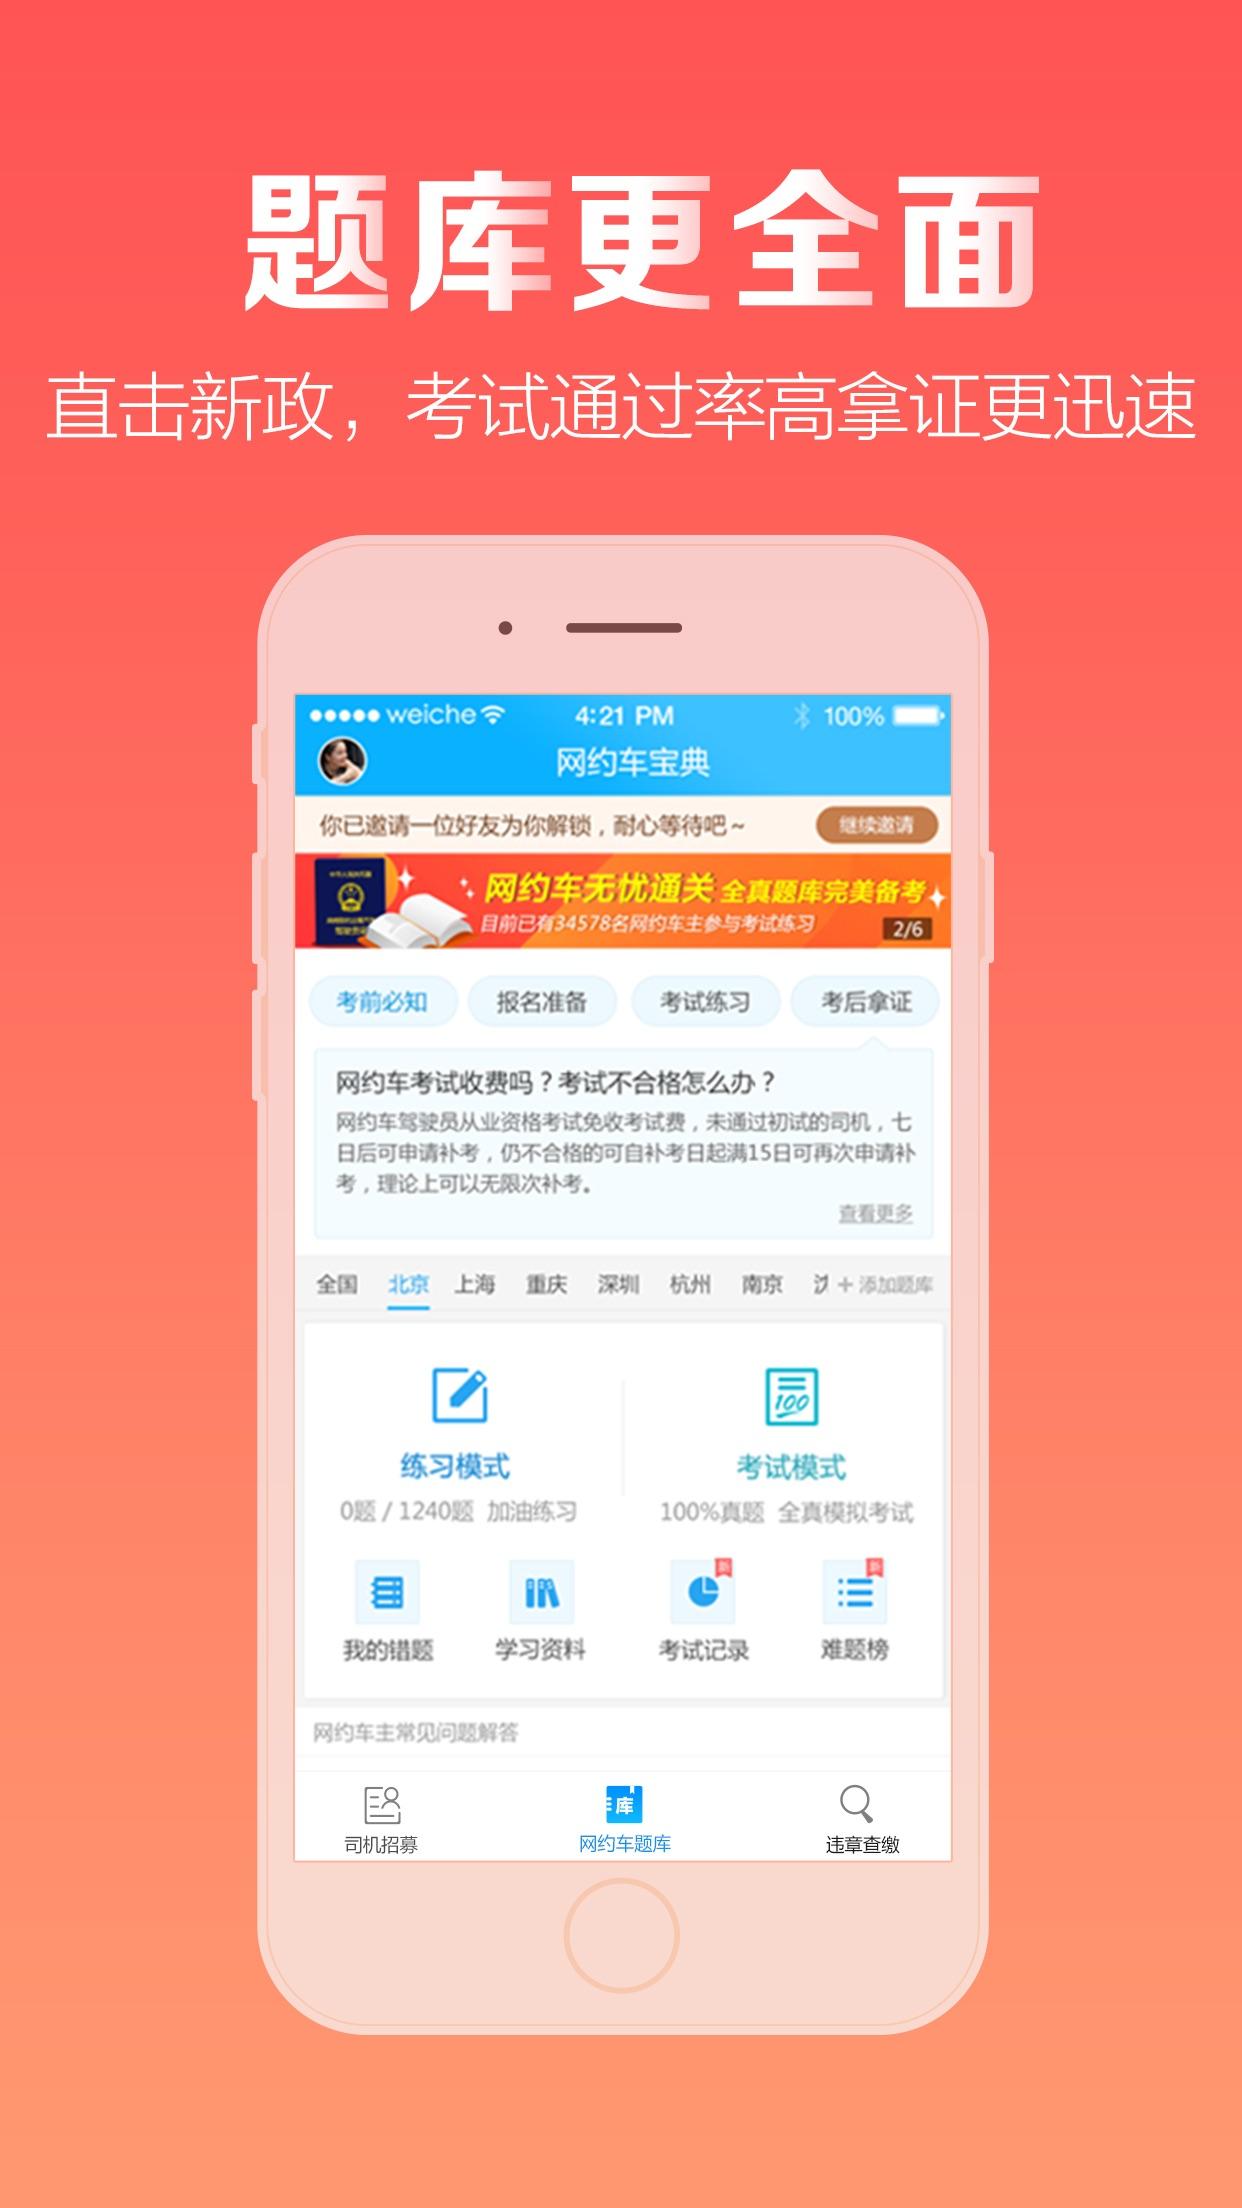 司机招募-开启网约车生活 Screenshot